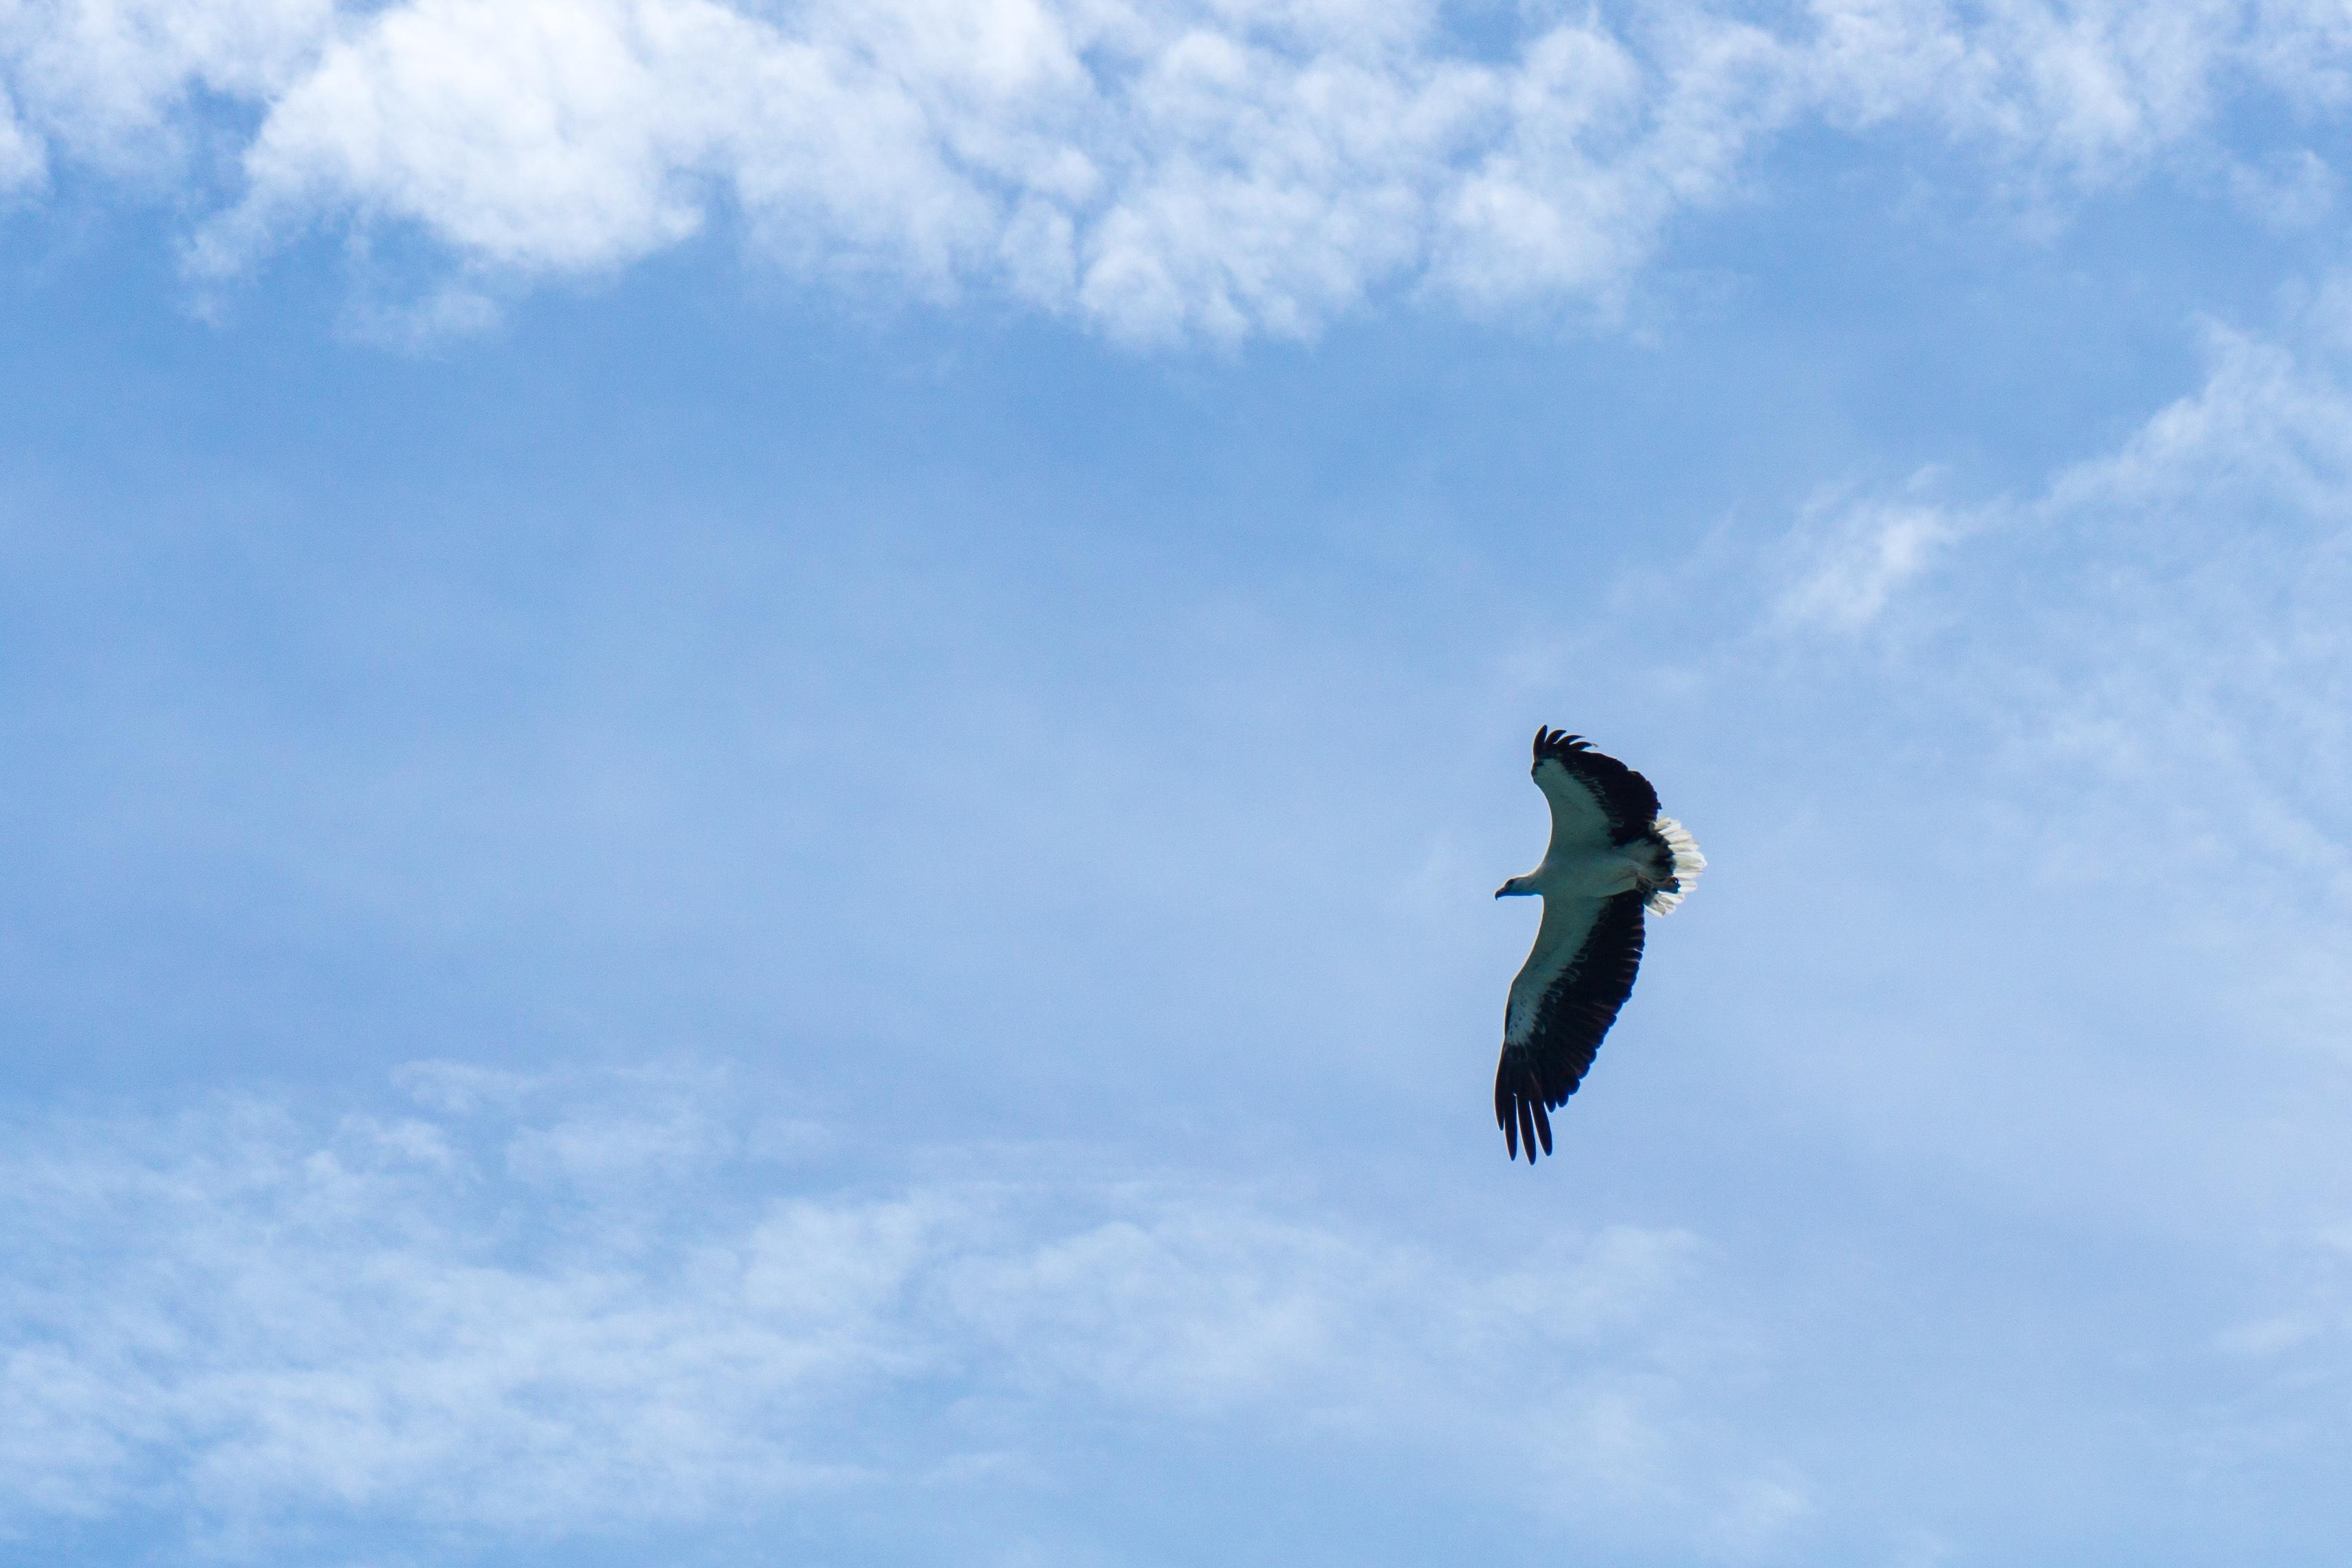 Ein fliegender Adler in der Luft